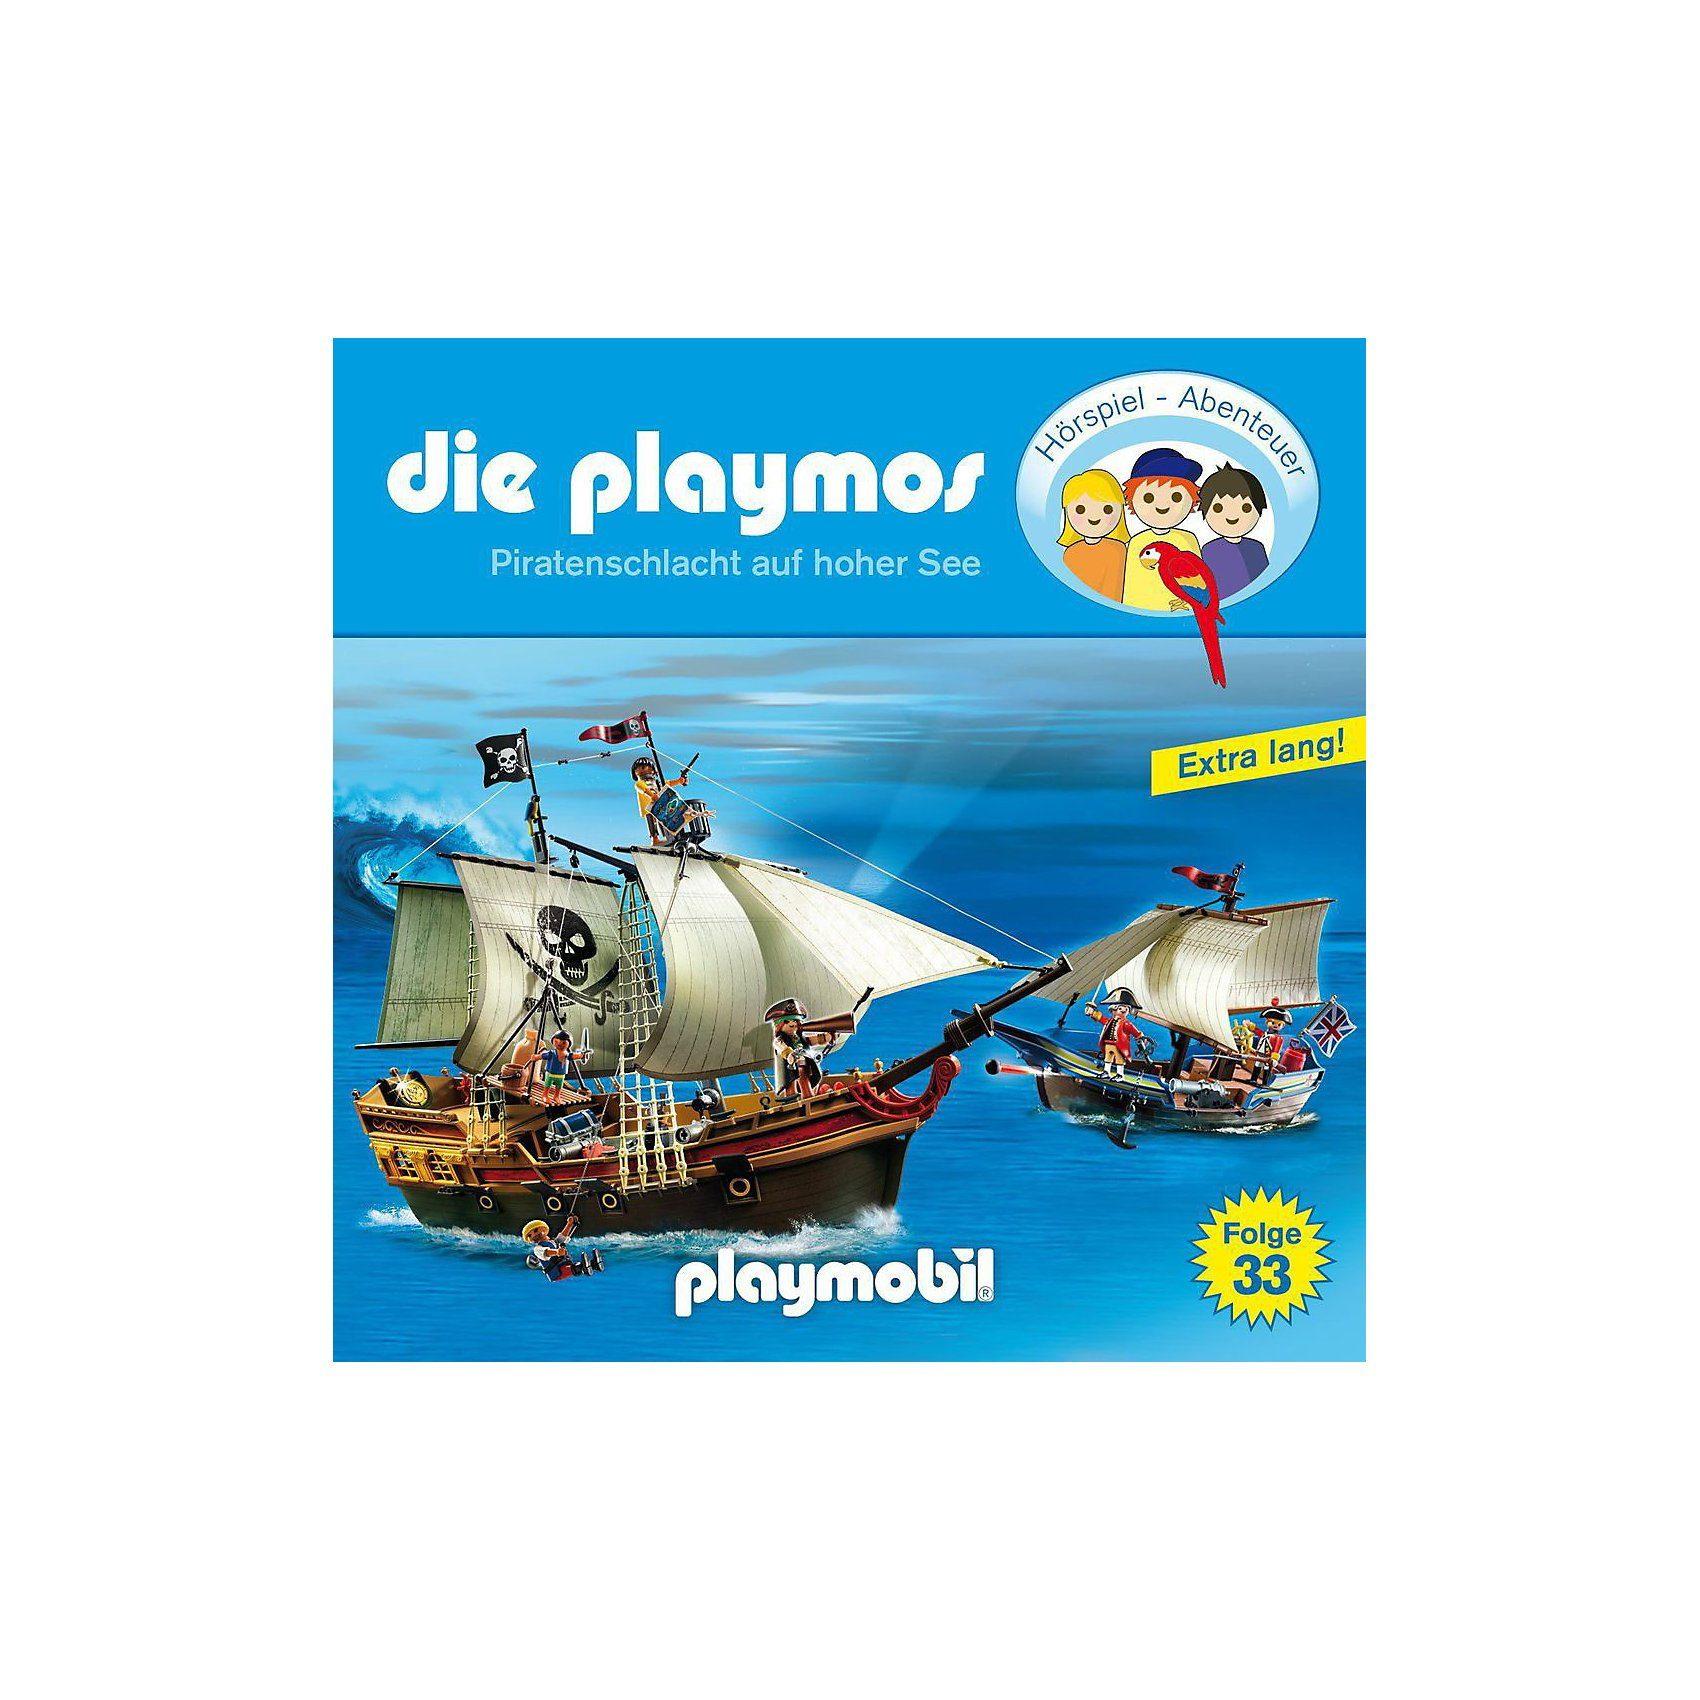 Edel CD Die Playmos 33 - Piratenschlacht auf hoher See